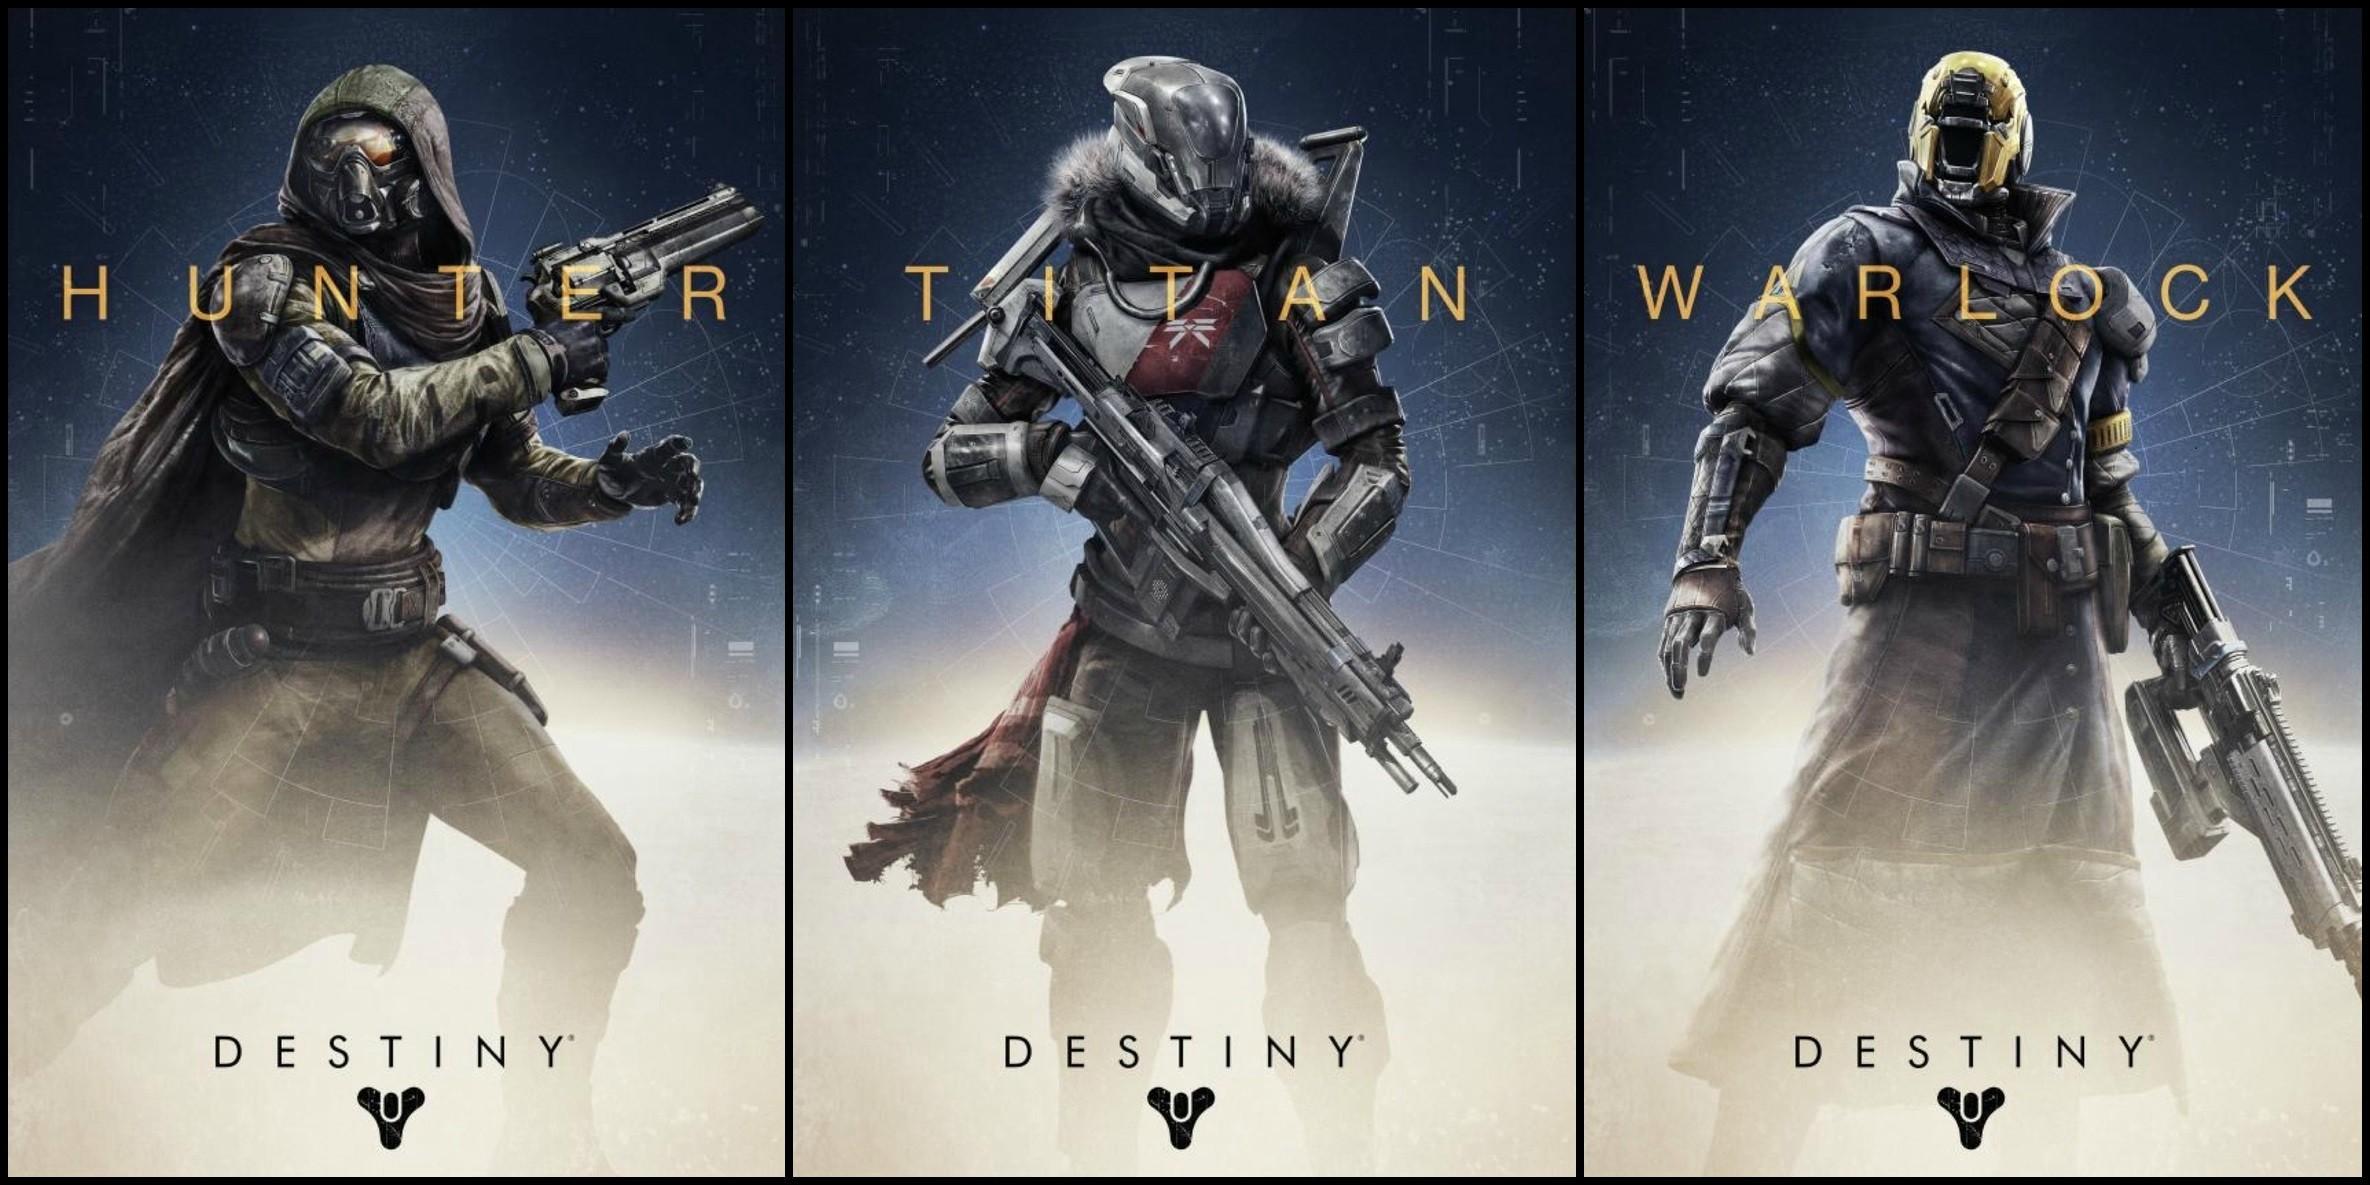 destiny wallpaper 6 2370x1185